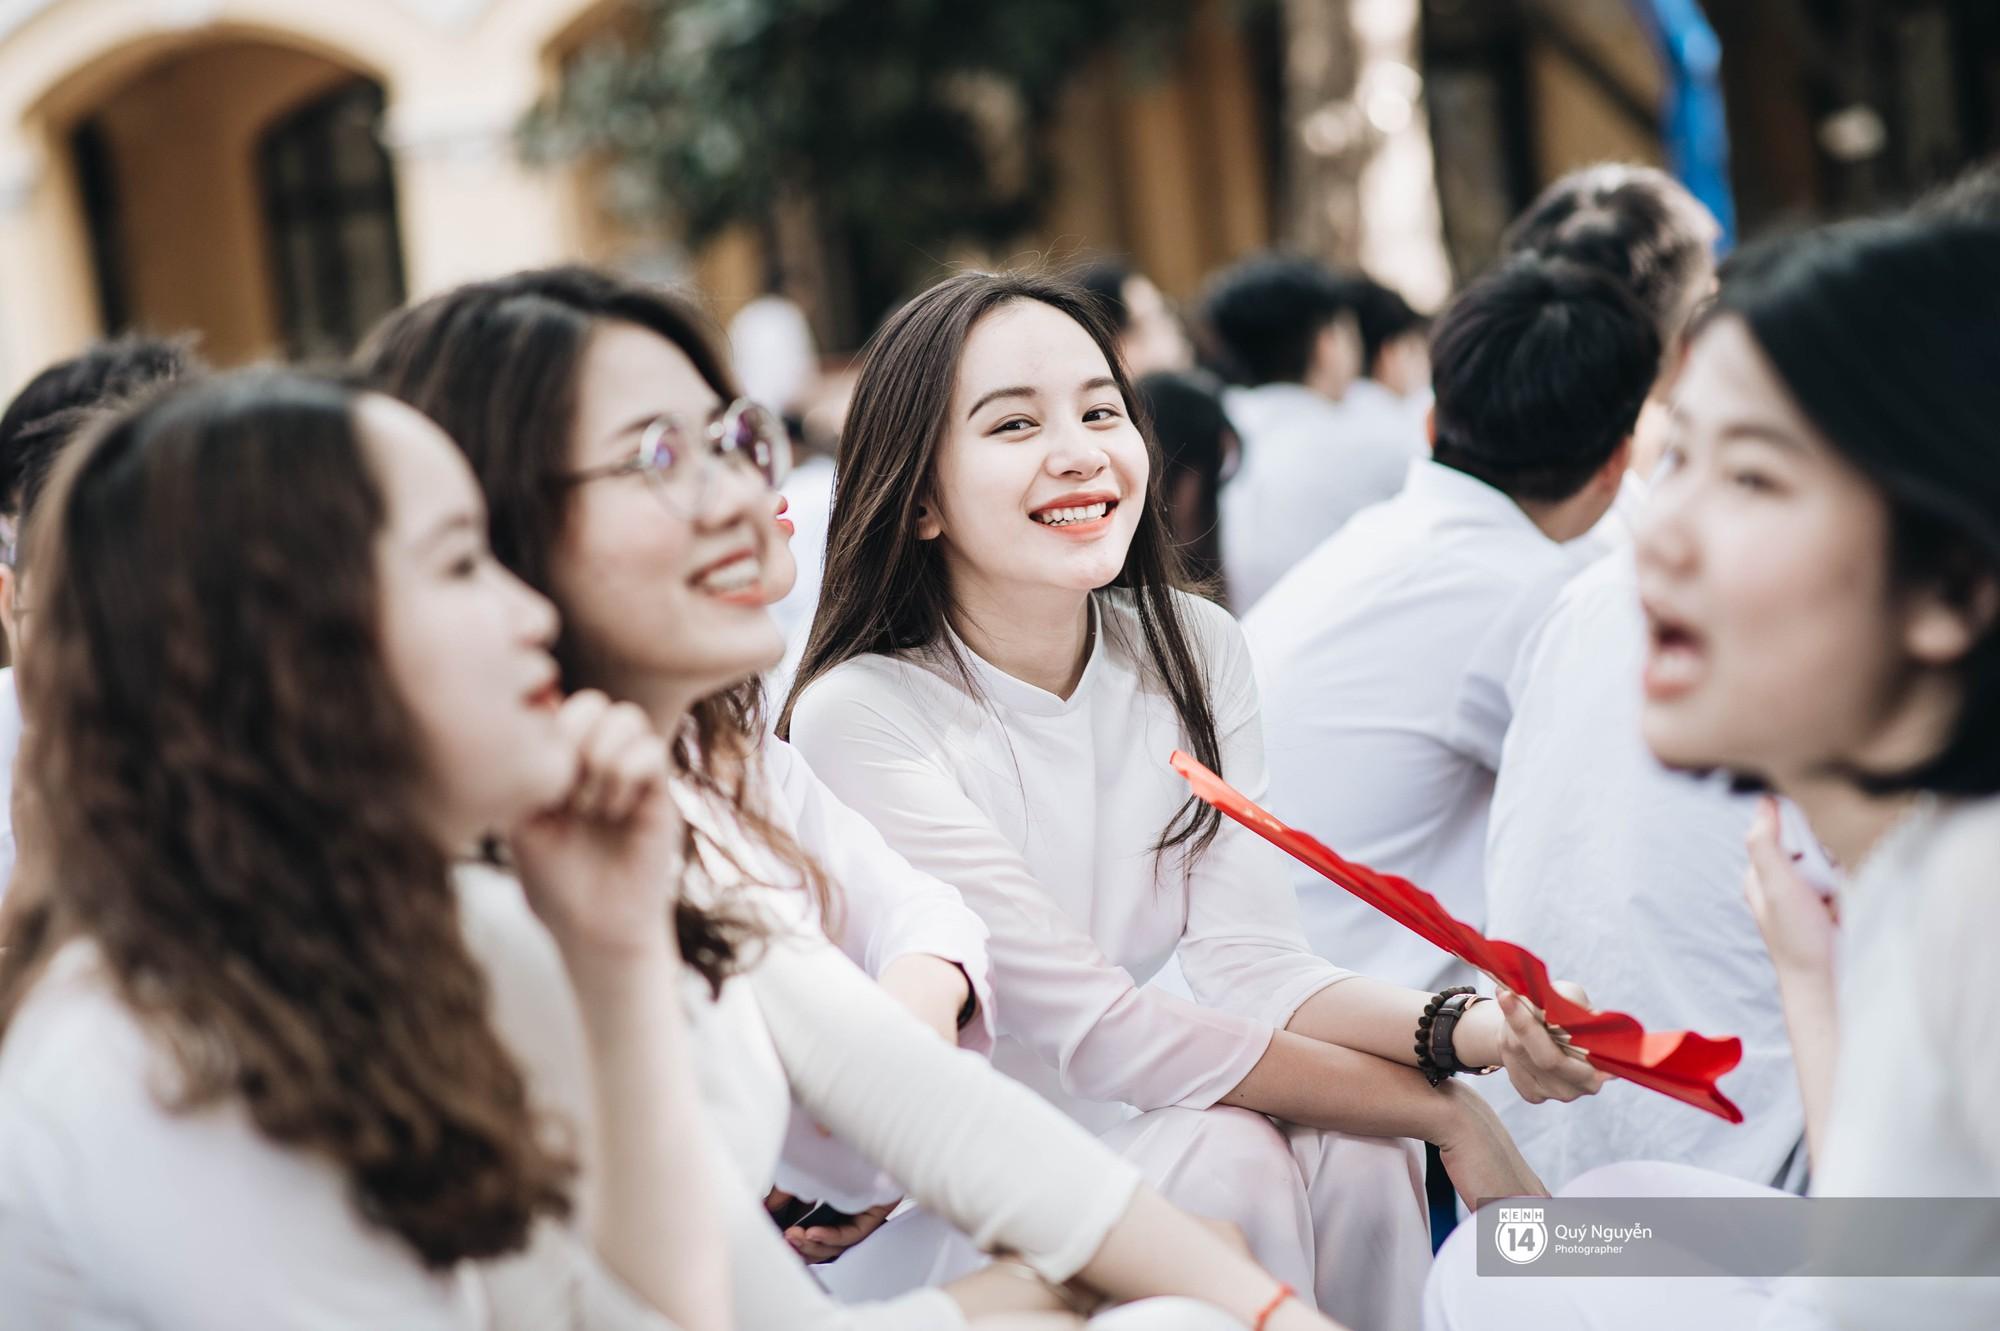 Đặc sản lễ bế giảng trường Phan Đình Phùng: Cả một trời trai xinh gái đẹp - Ảnh 2.